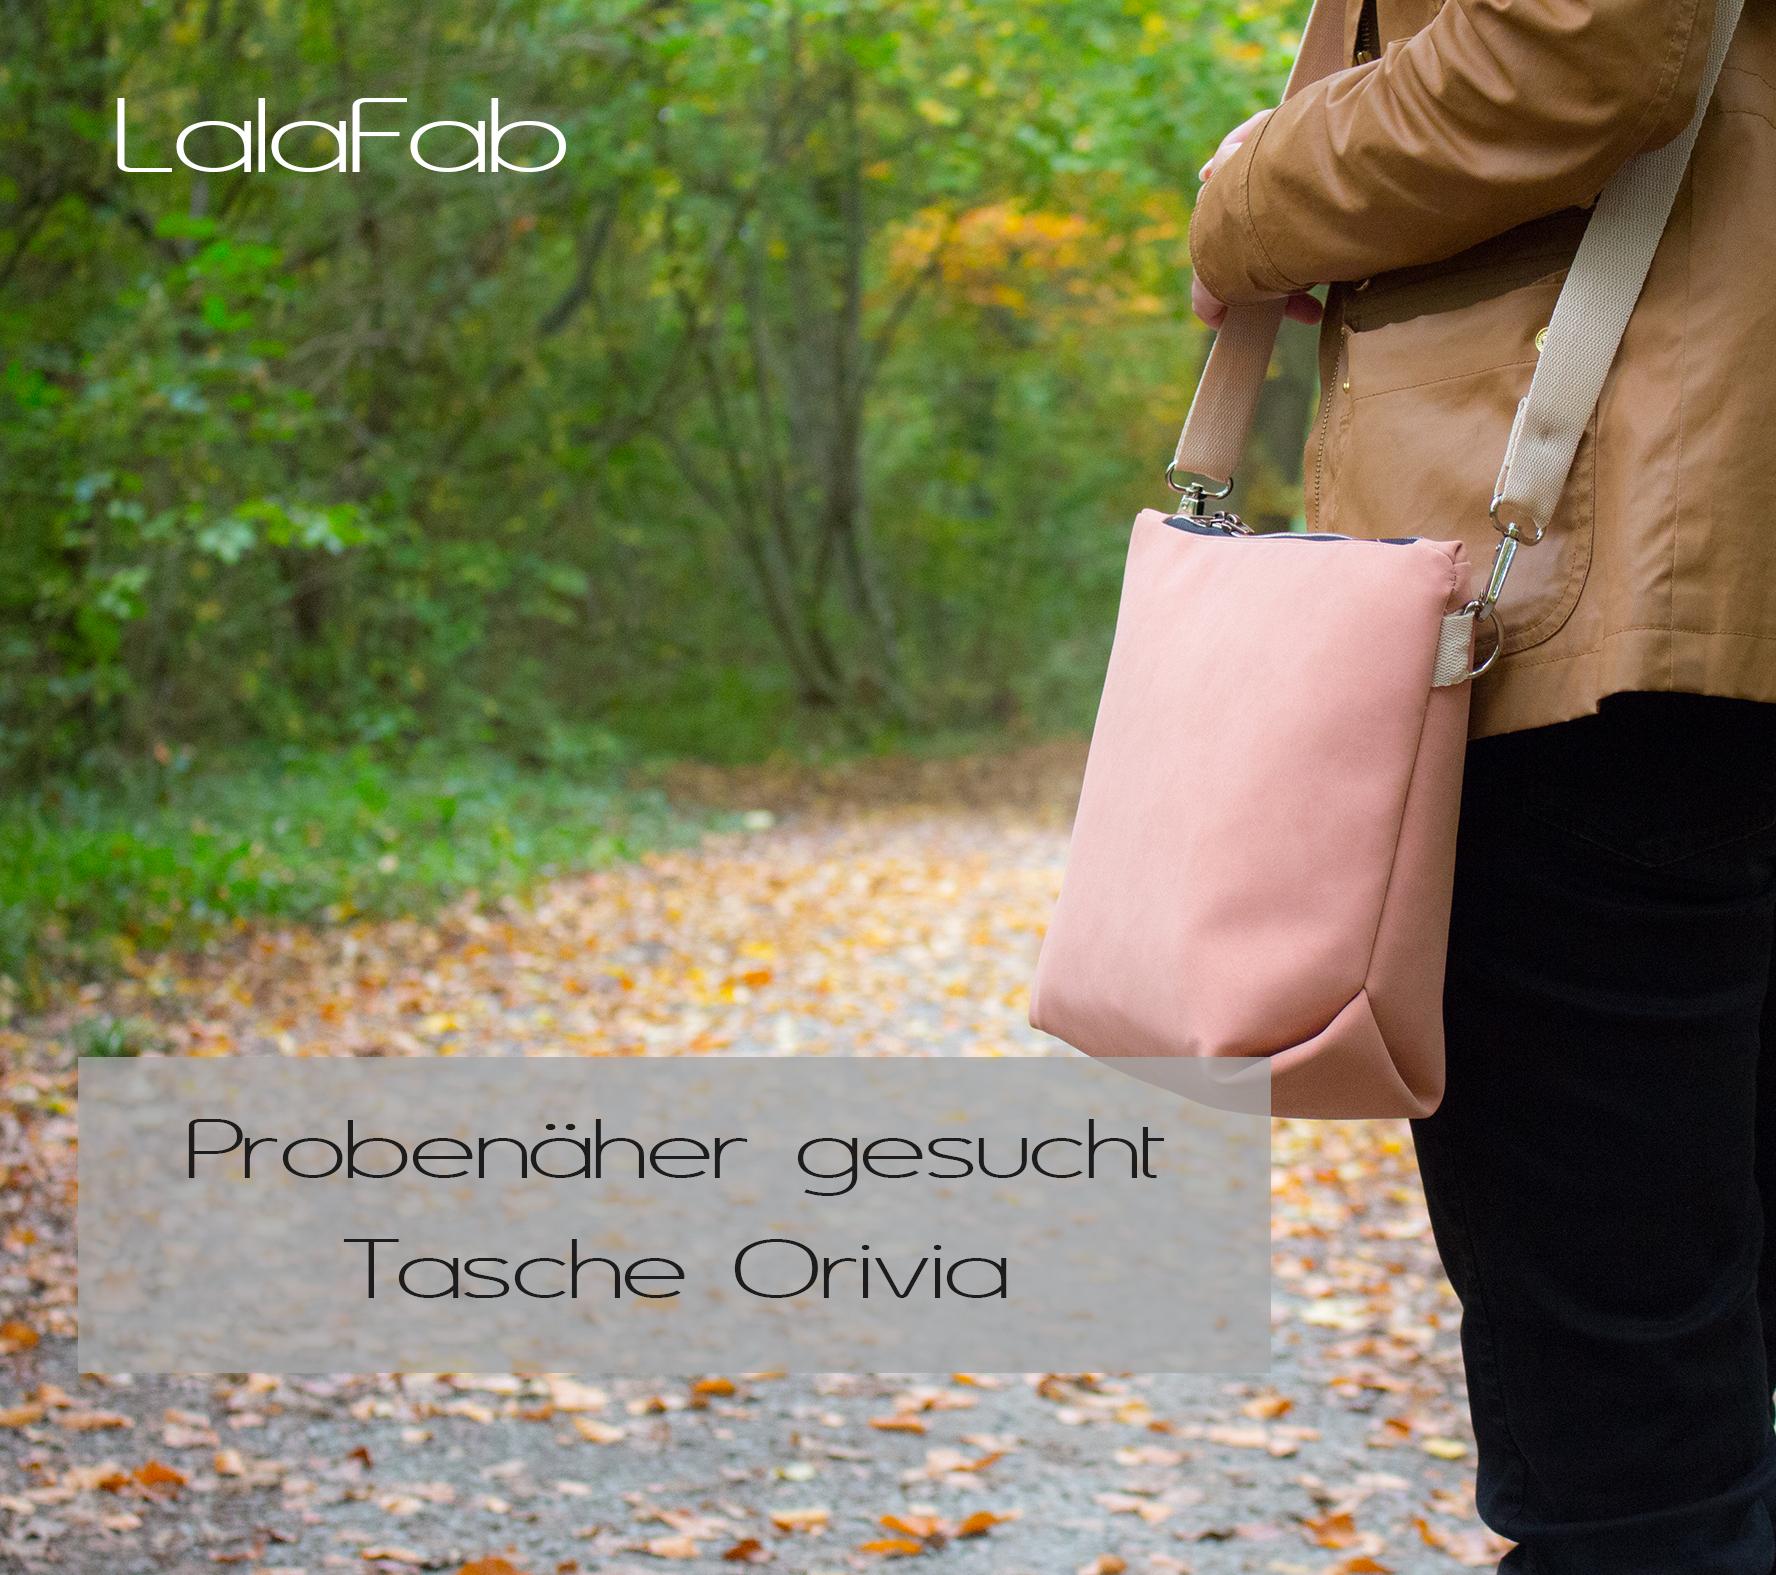 Probenäher gesucht – Tasche Orivia